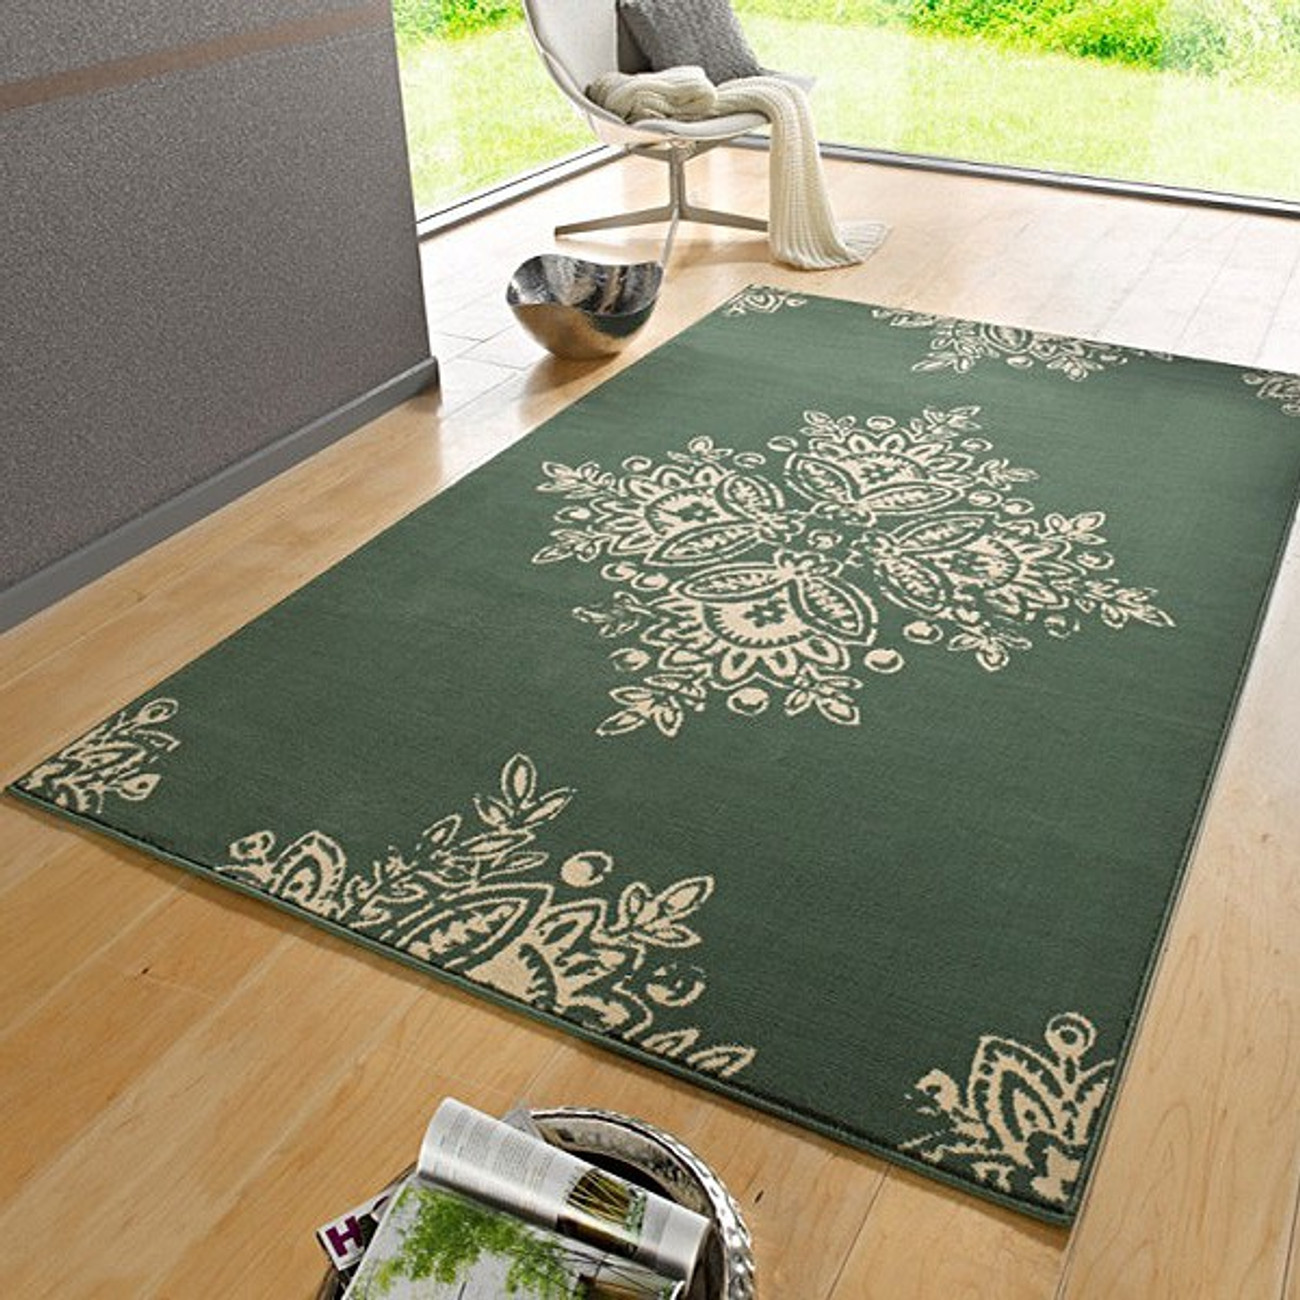 Teppich grün  Designer Velours Teppich Blossom Grün Creme   102427 Teppiche ...